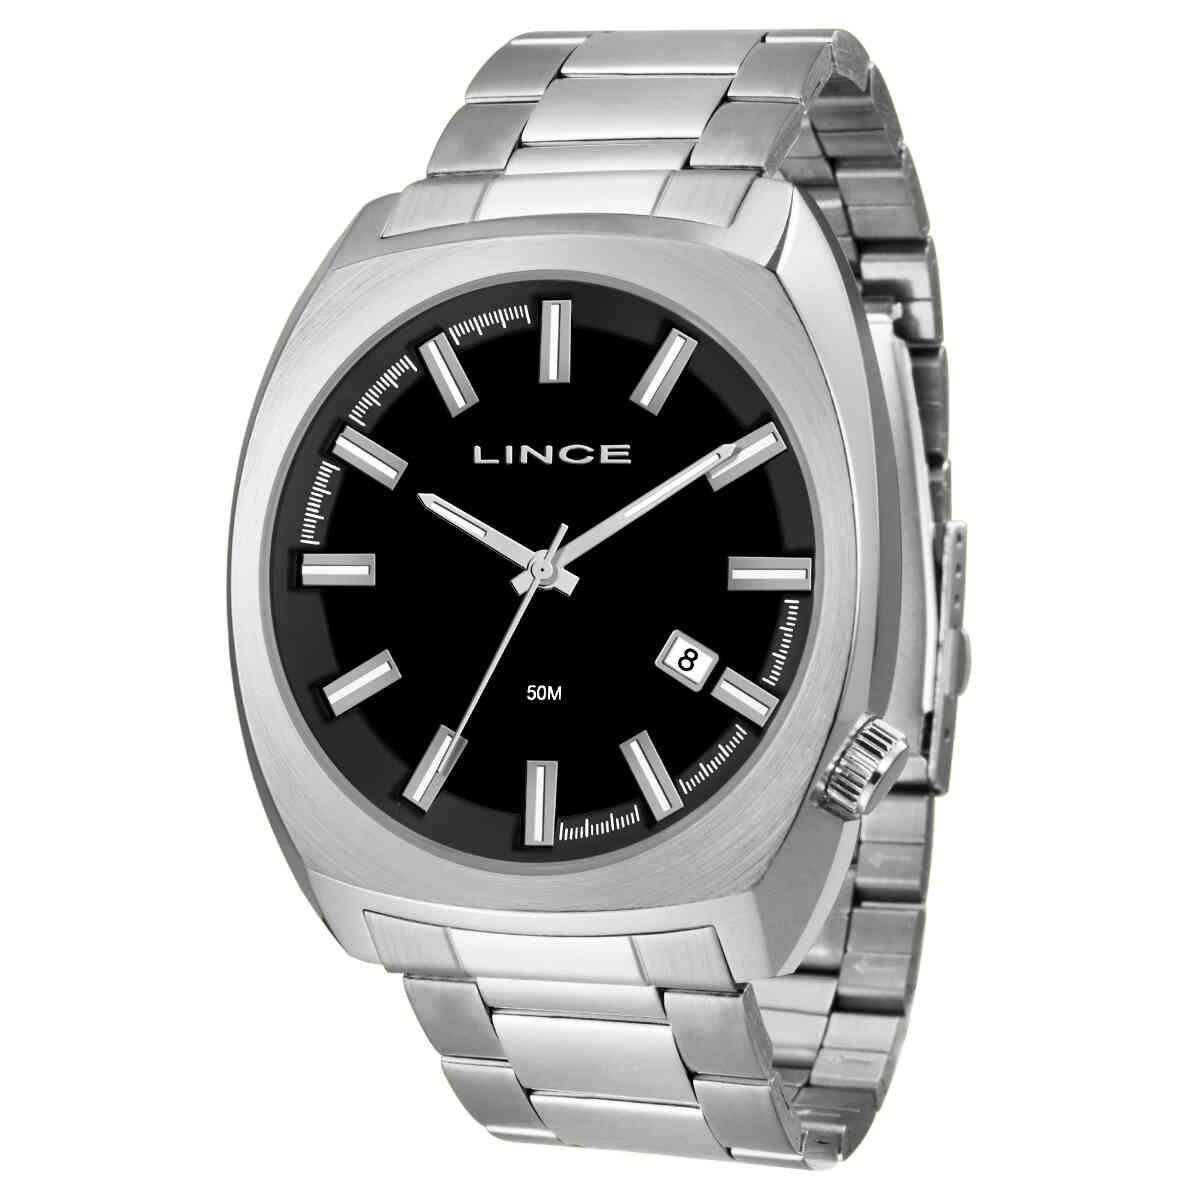 Relógio de Pulso Lince Quadrado Masculino MRM4585S